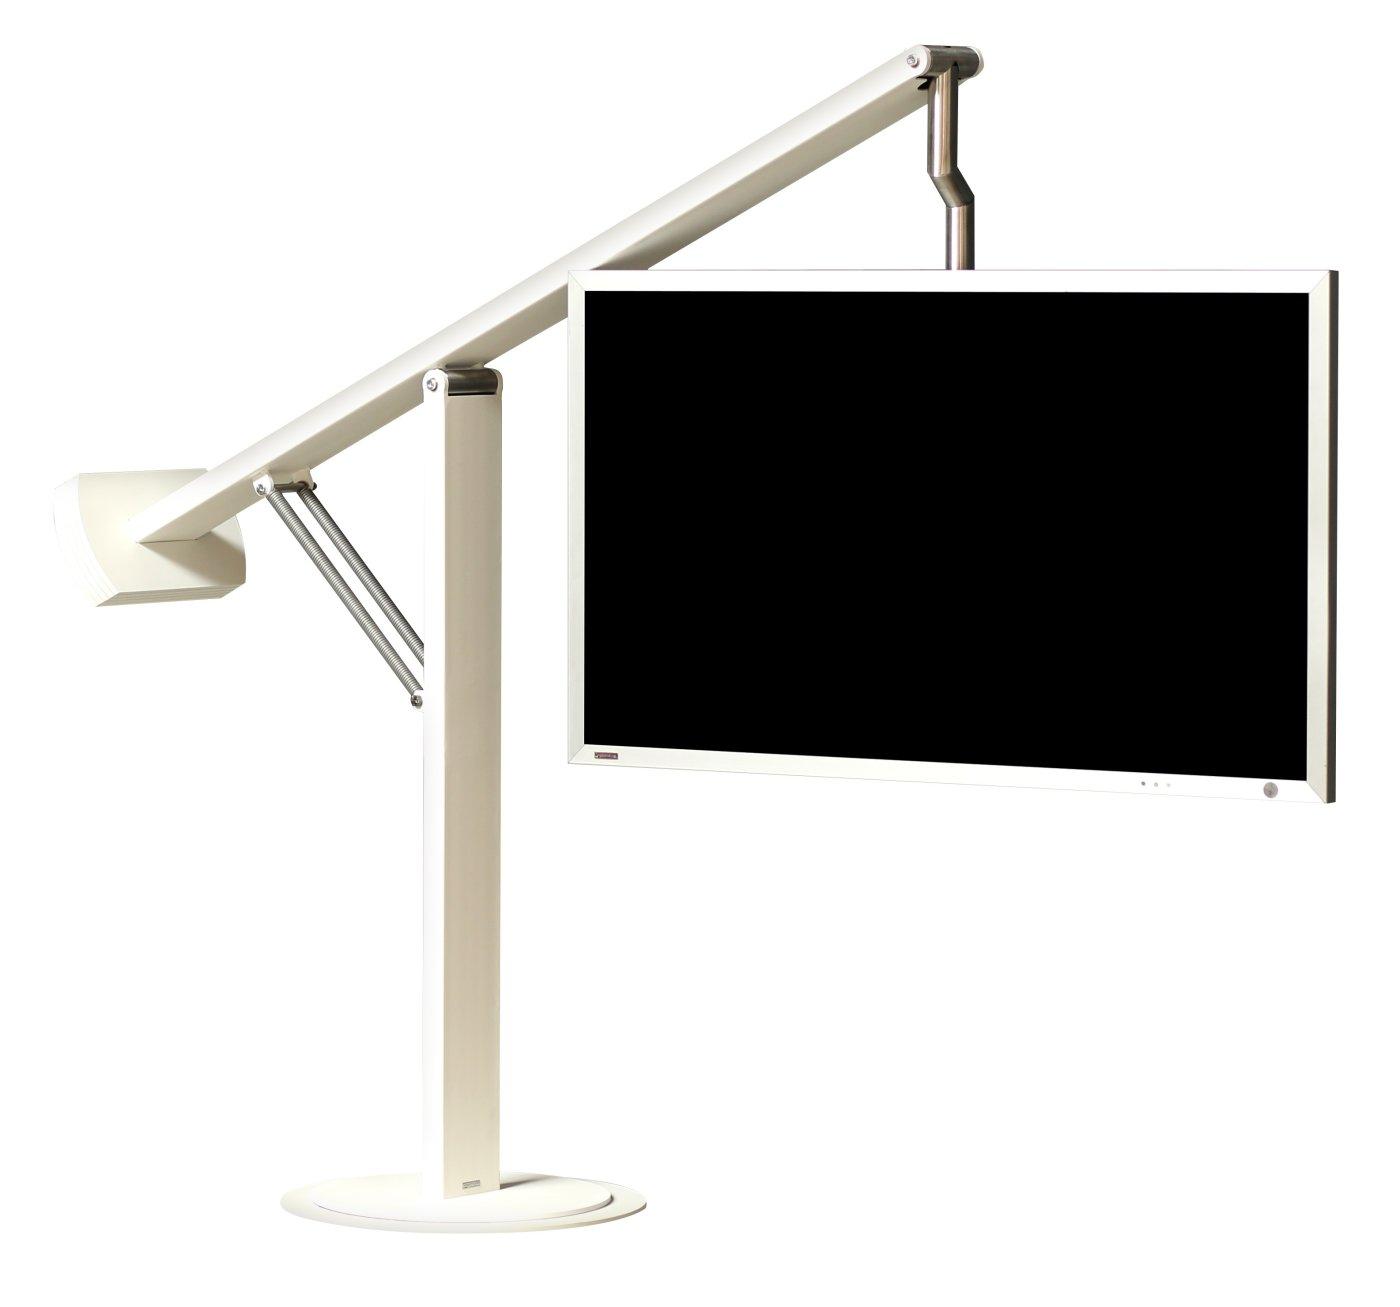 Hochwertiger Standfuß Für Flachbildfernseher Von 40 60 Zoll Mit